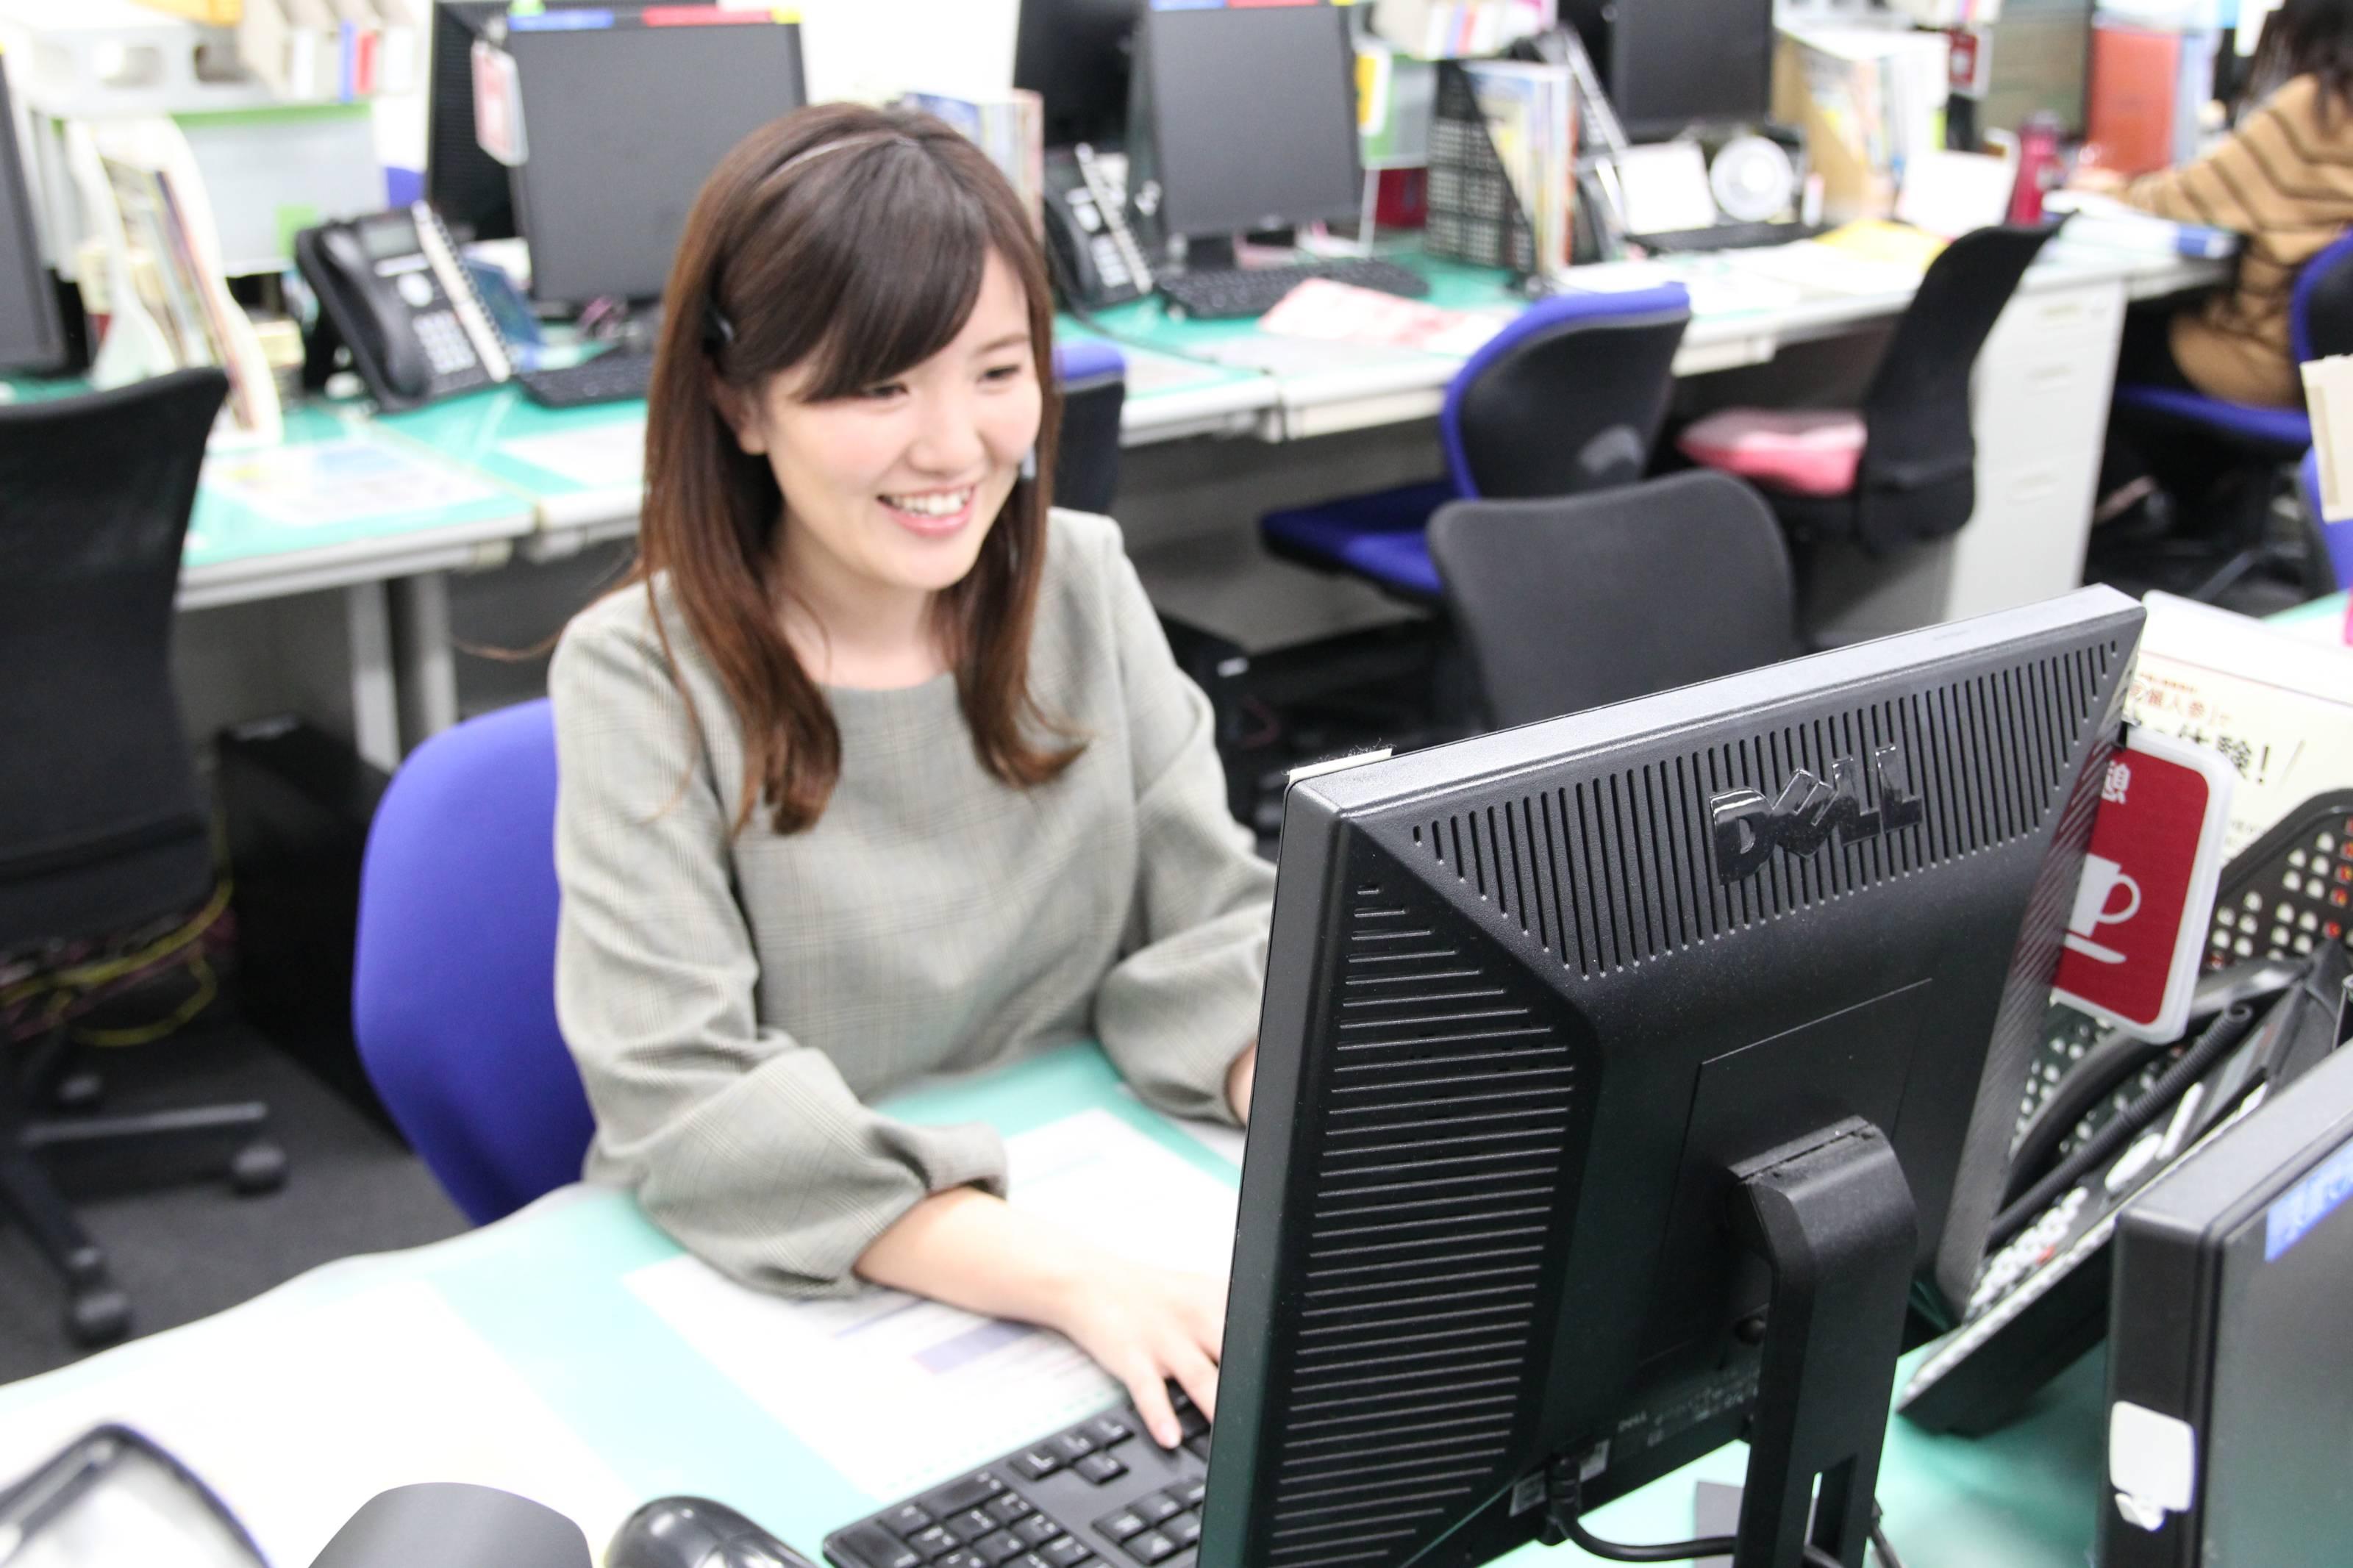 金氏高麗人参株式会社